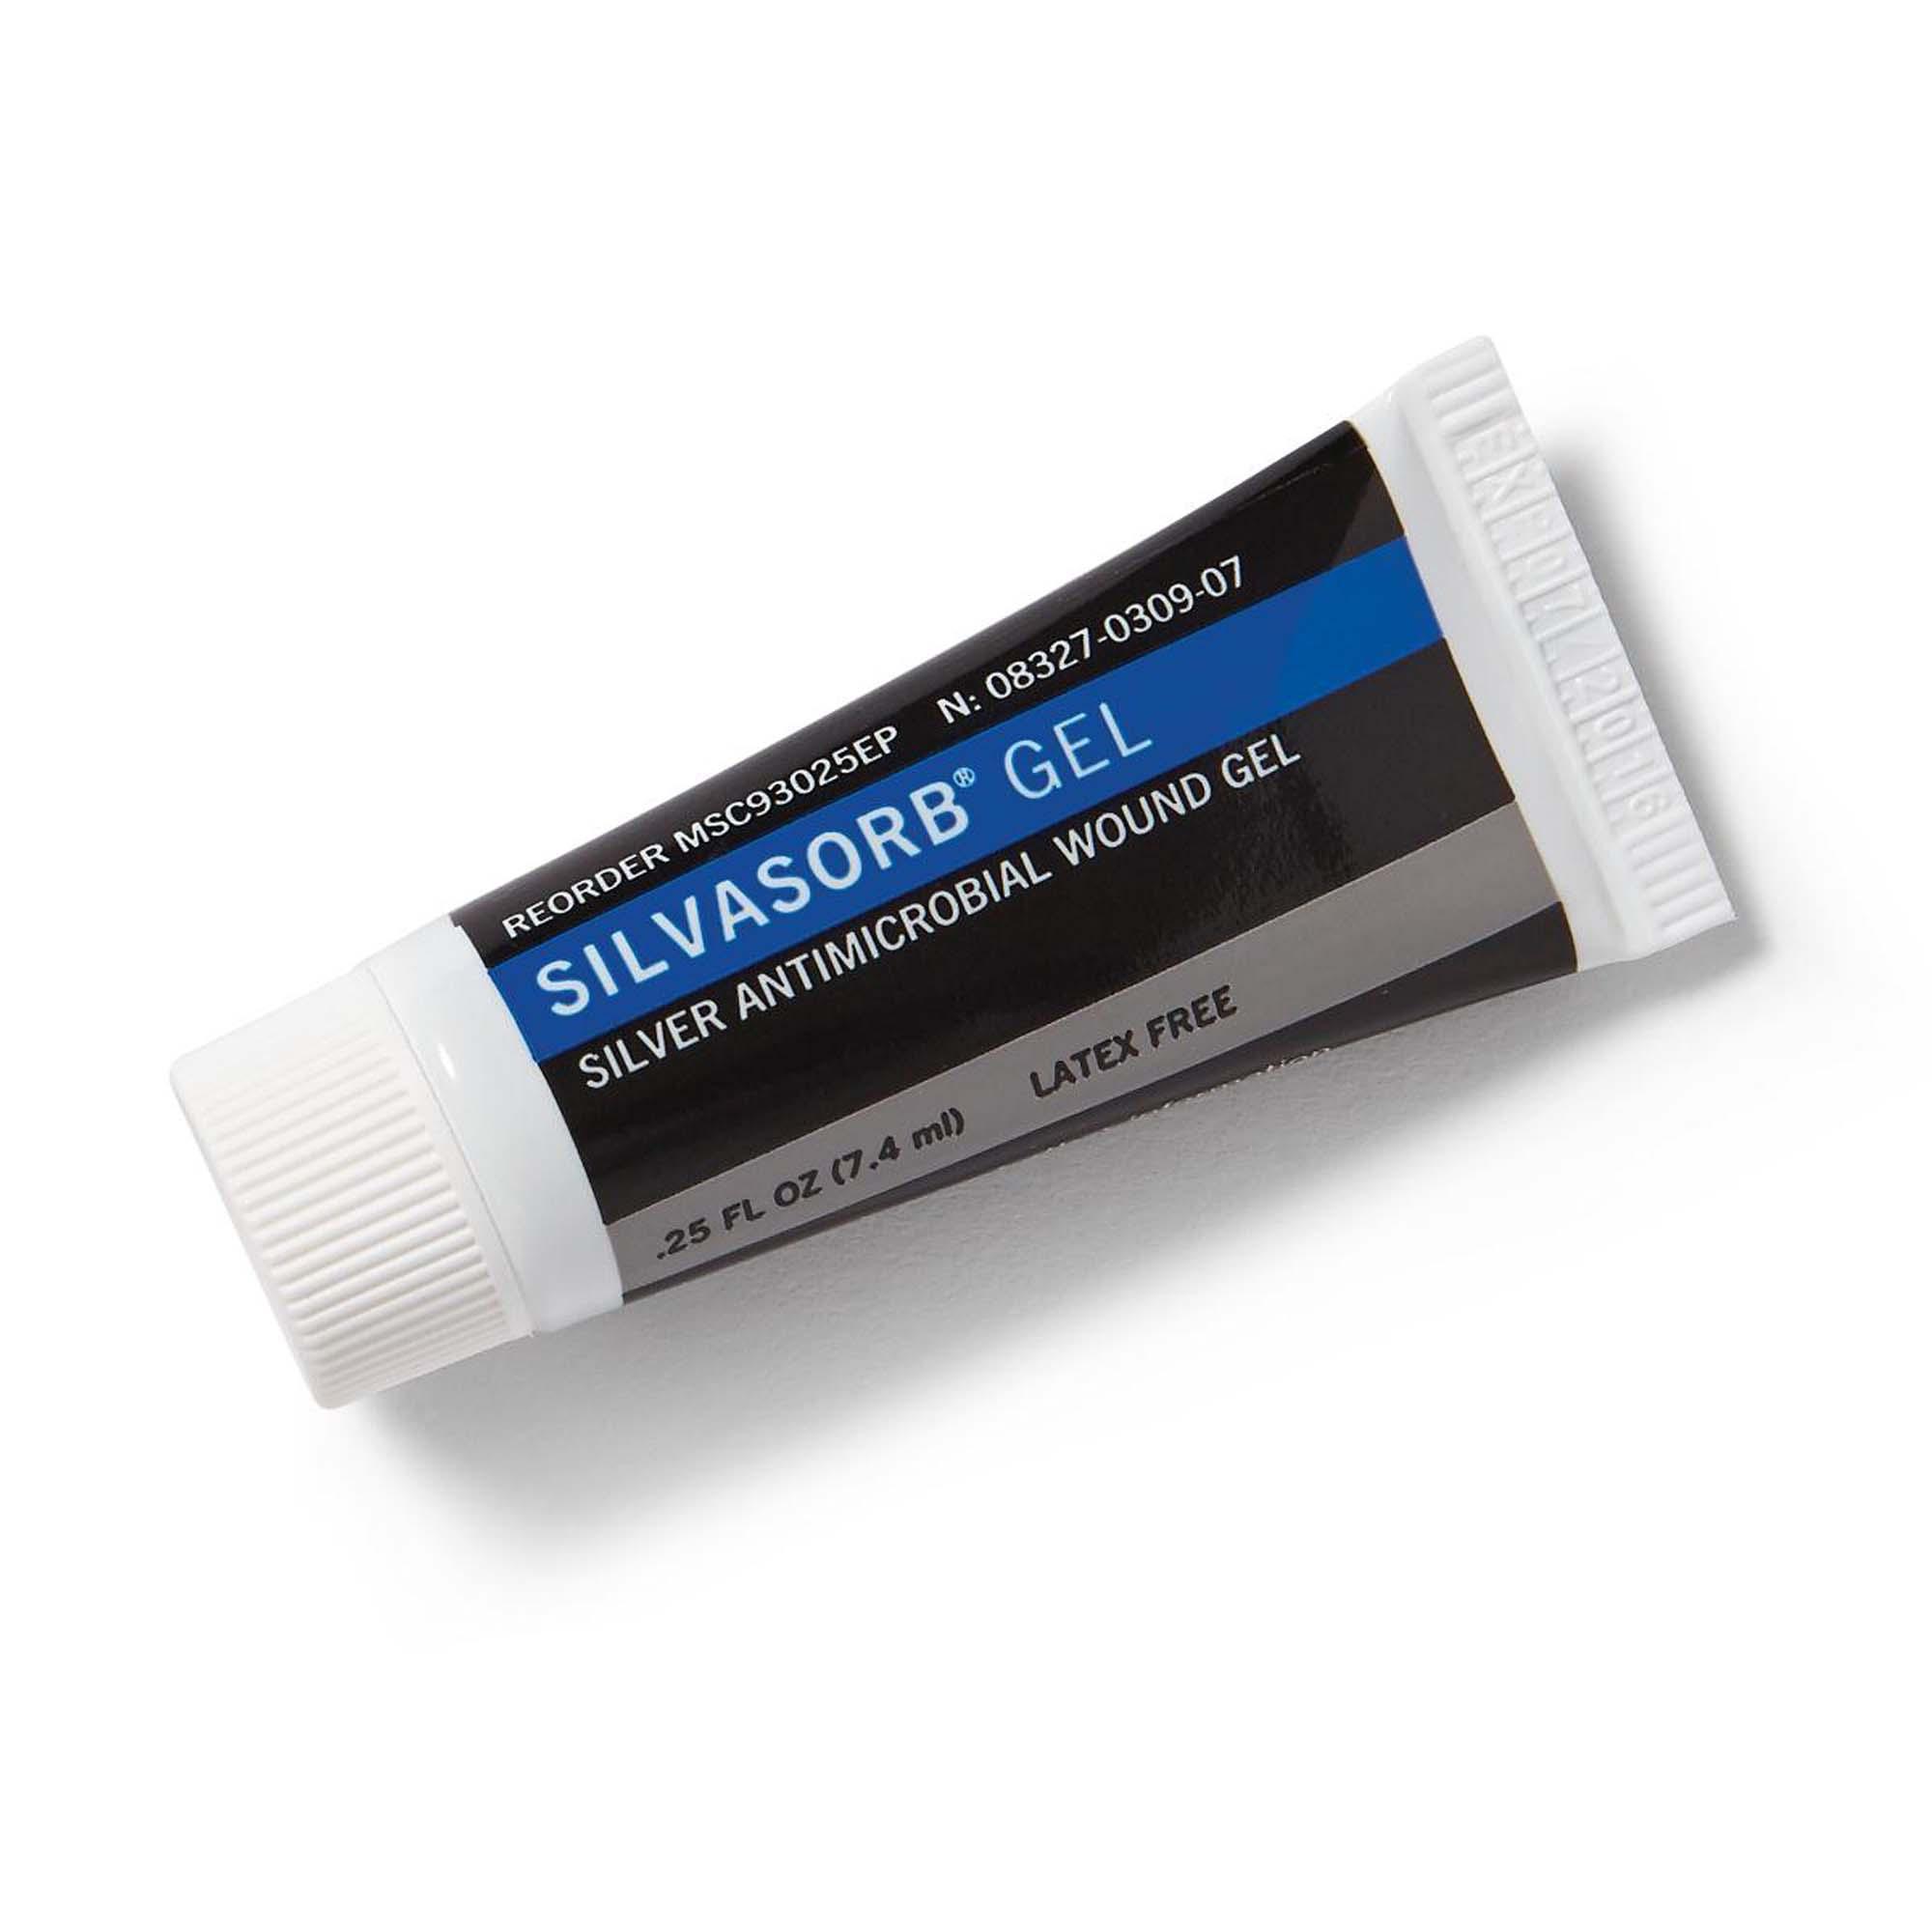 Medline SilvaSorb Gel, 0.25 oz, Silver Antimicrobial Wound Gel, MSC93025EPH, EACH